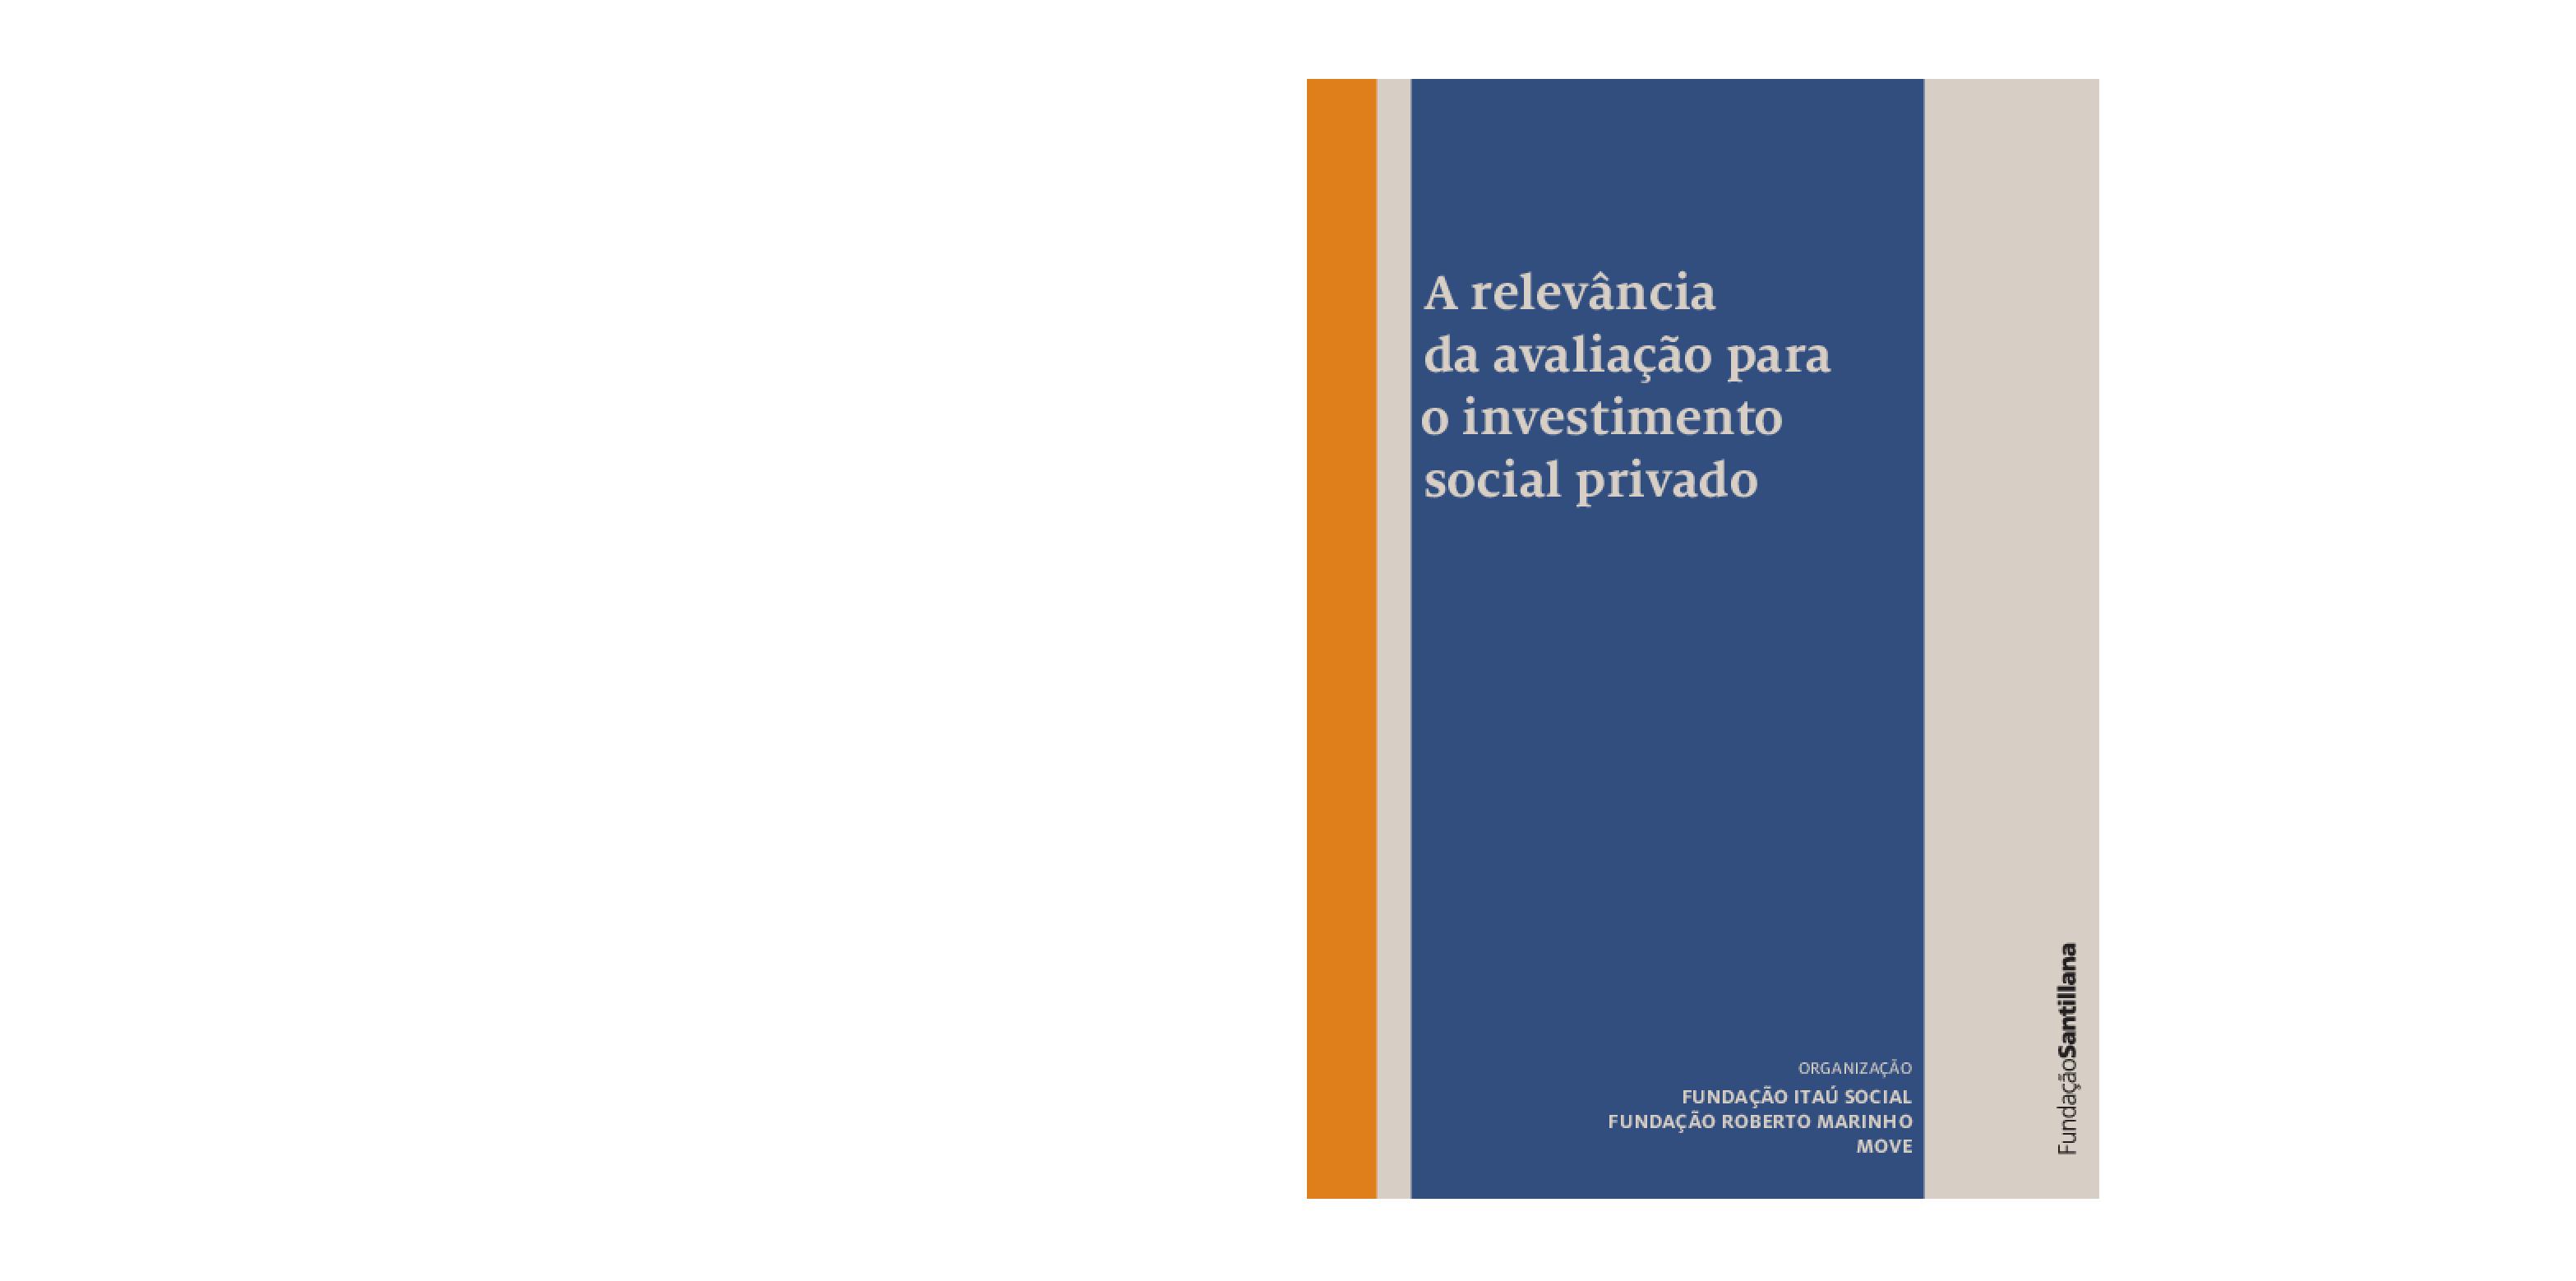 A relevância da avaliação para o investimento social privado